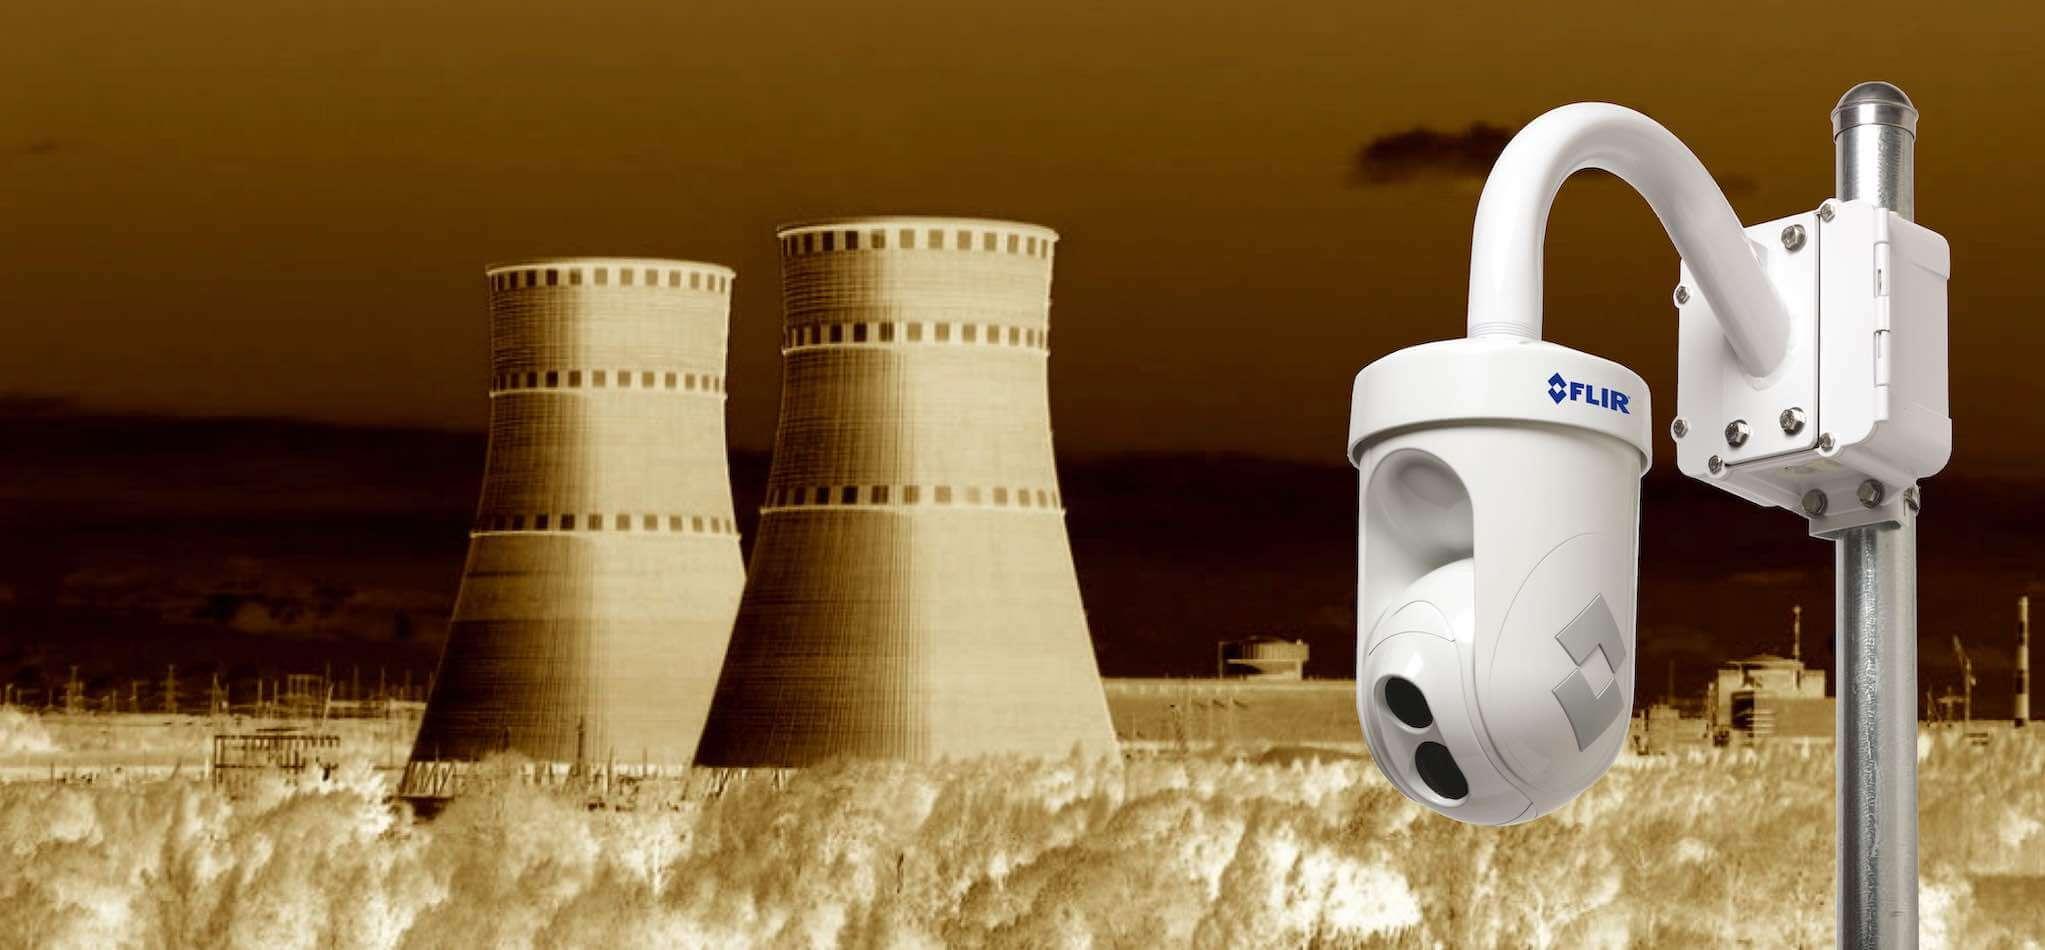 Як спроектувати систему охорони периметра для об'єктів критичної інфраструктури